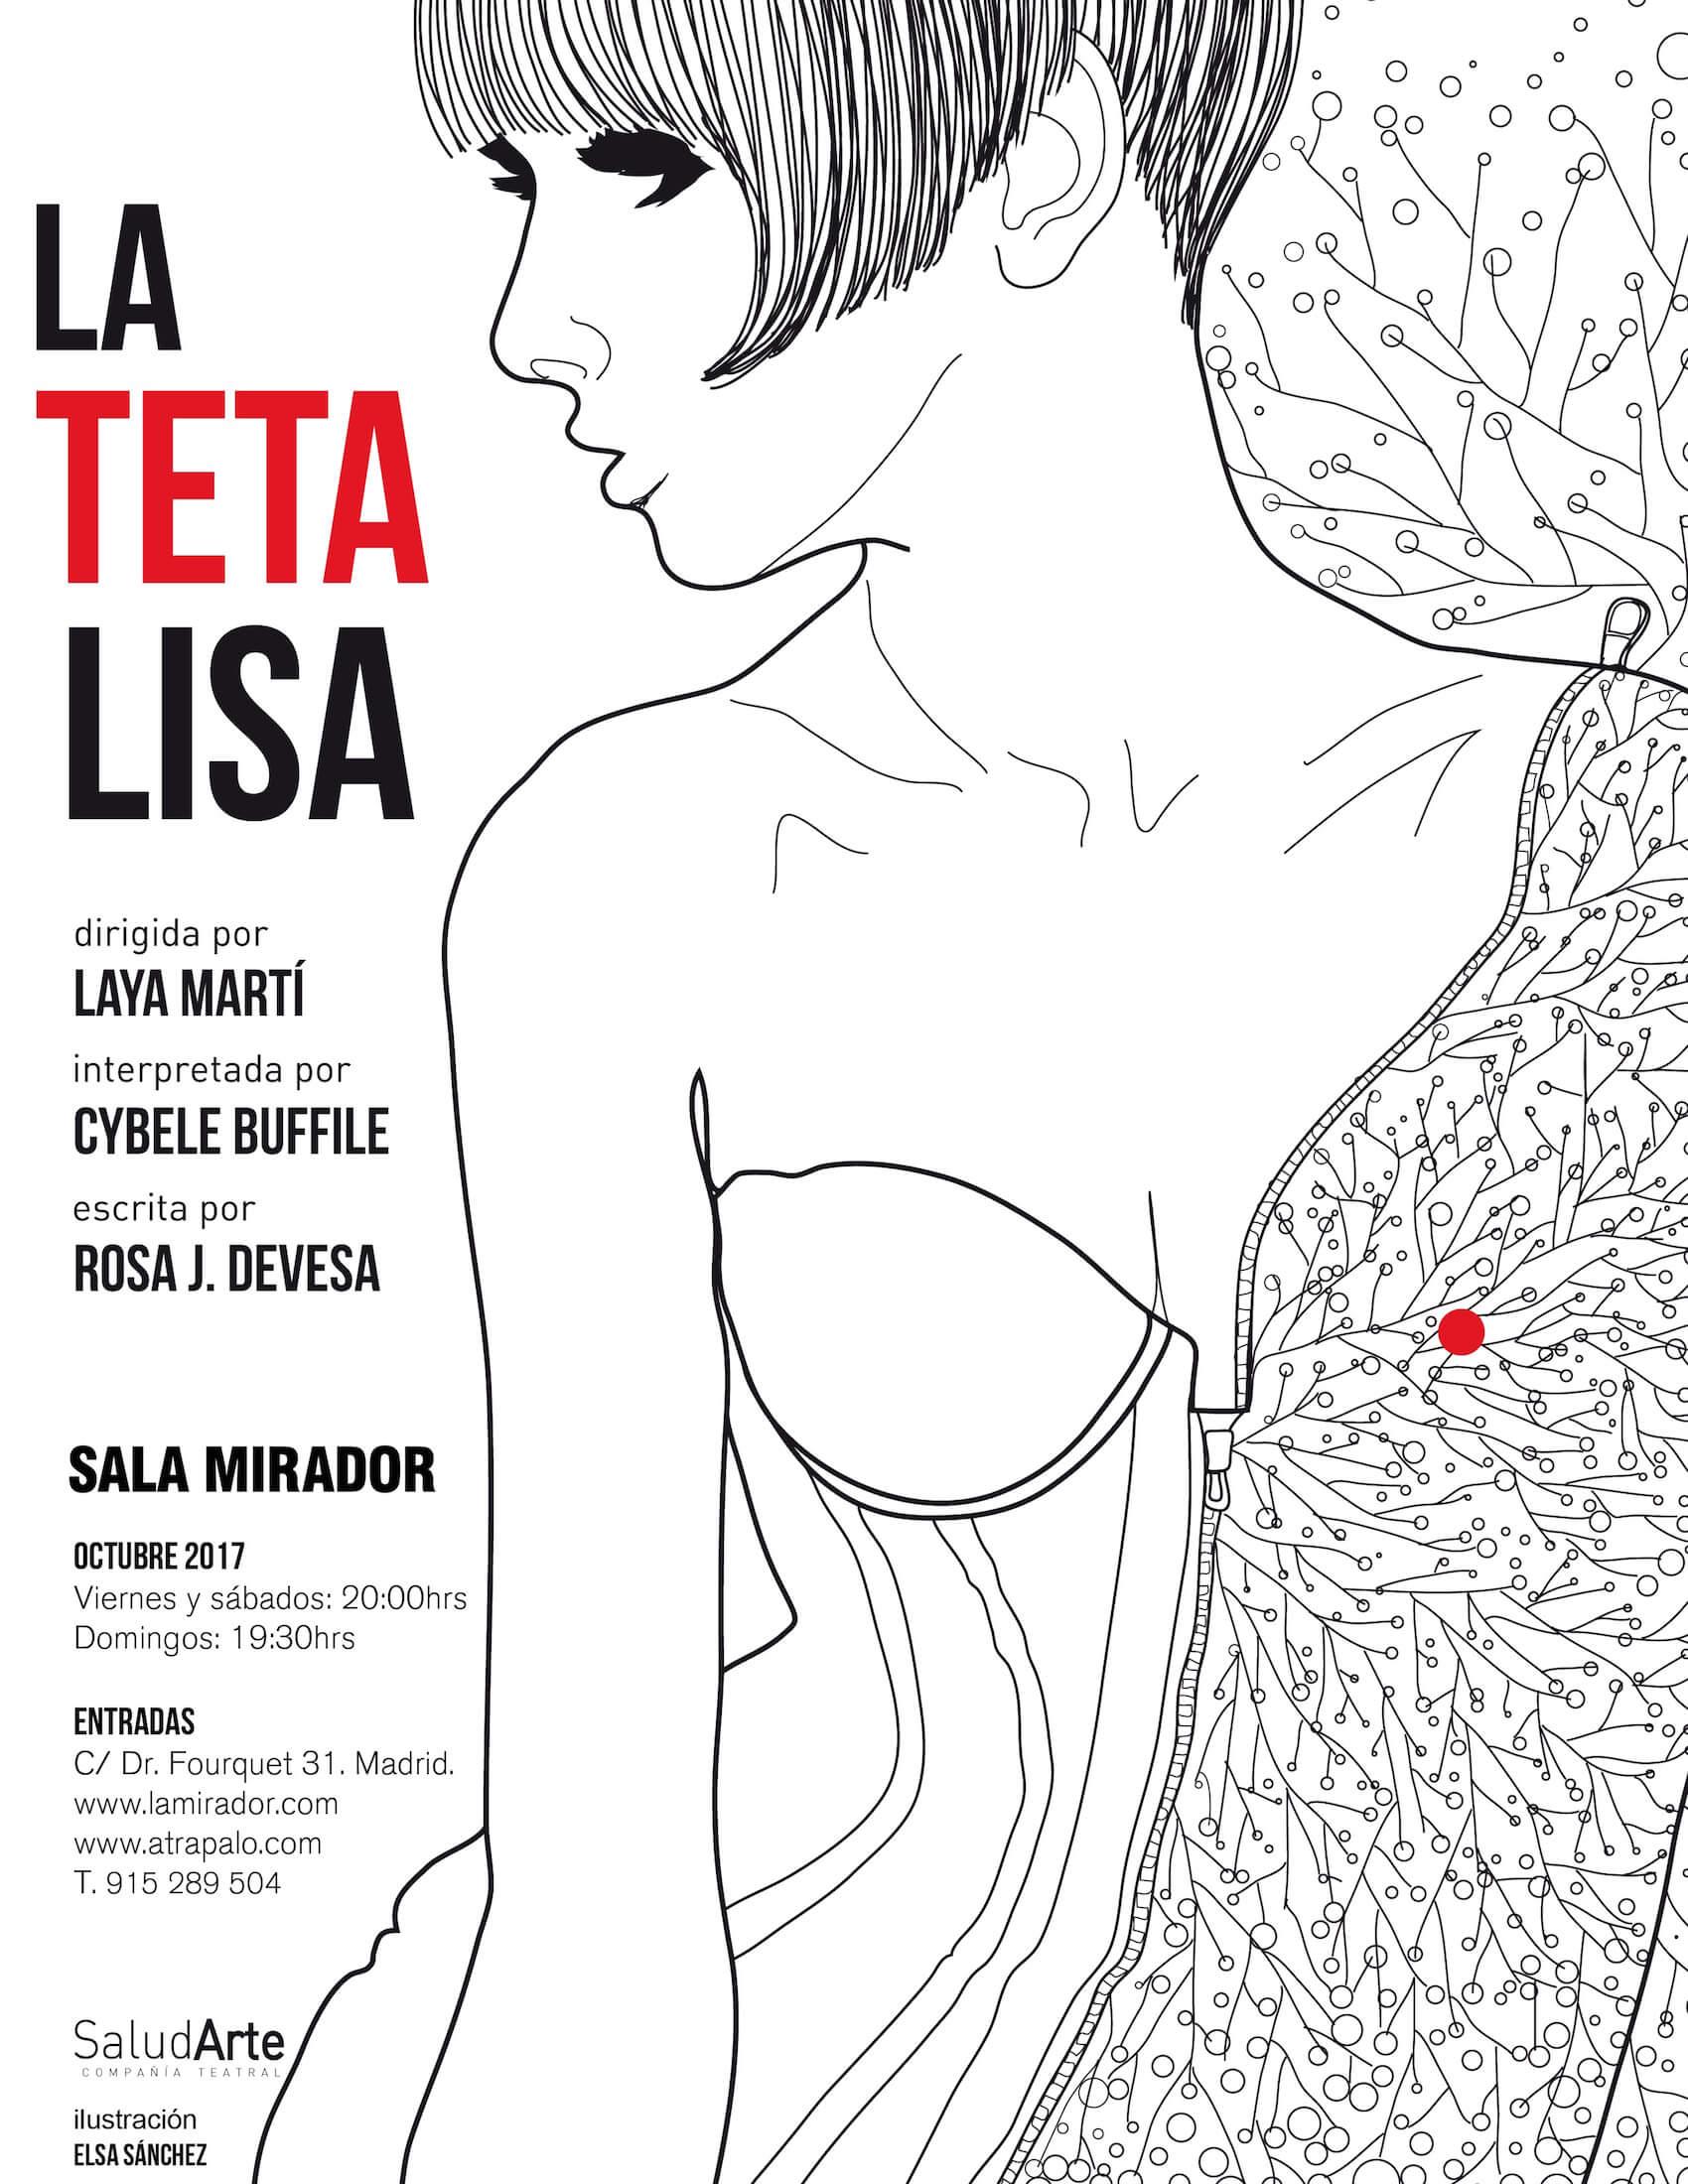 Cartel_LaTetaLisa, ilustración Elsa Sánchez